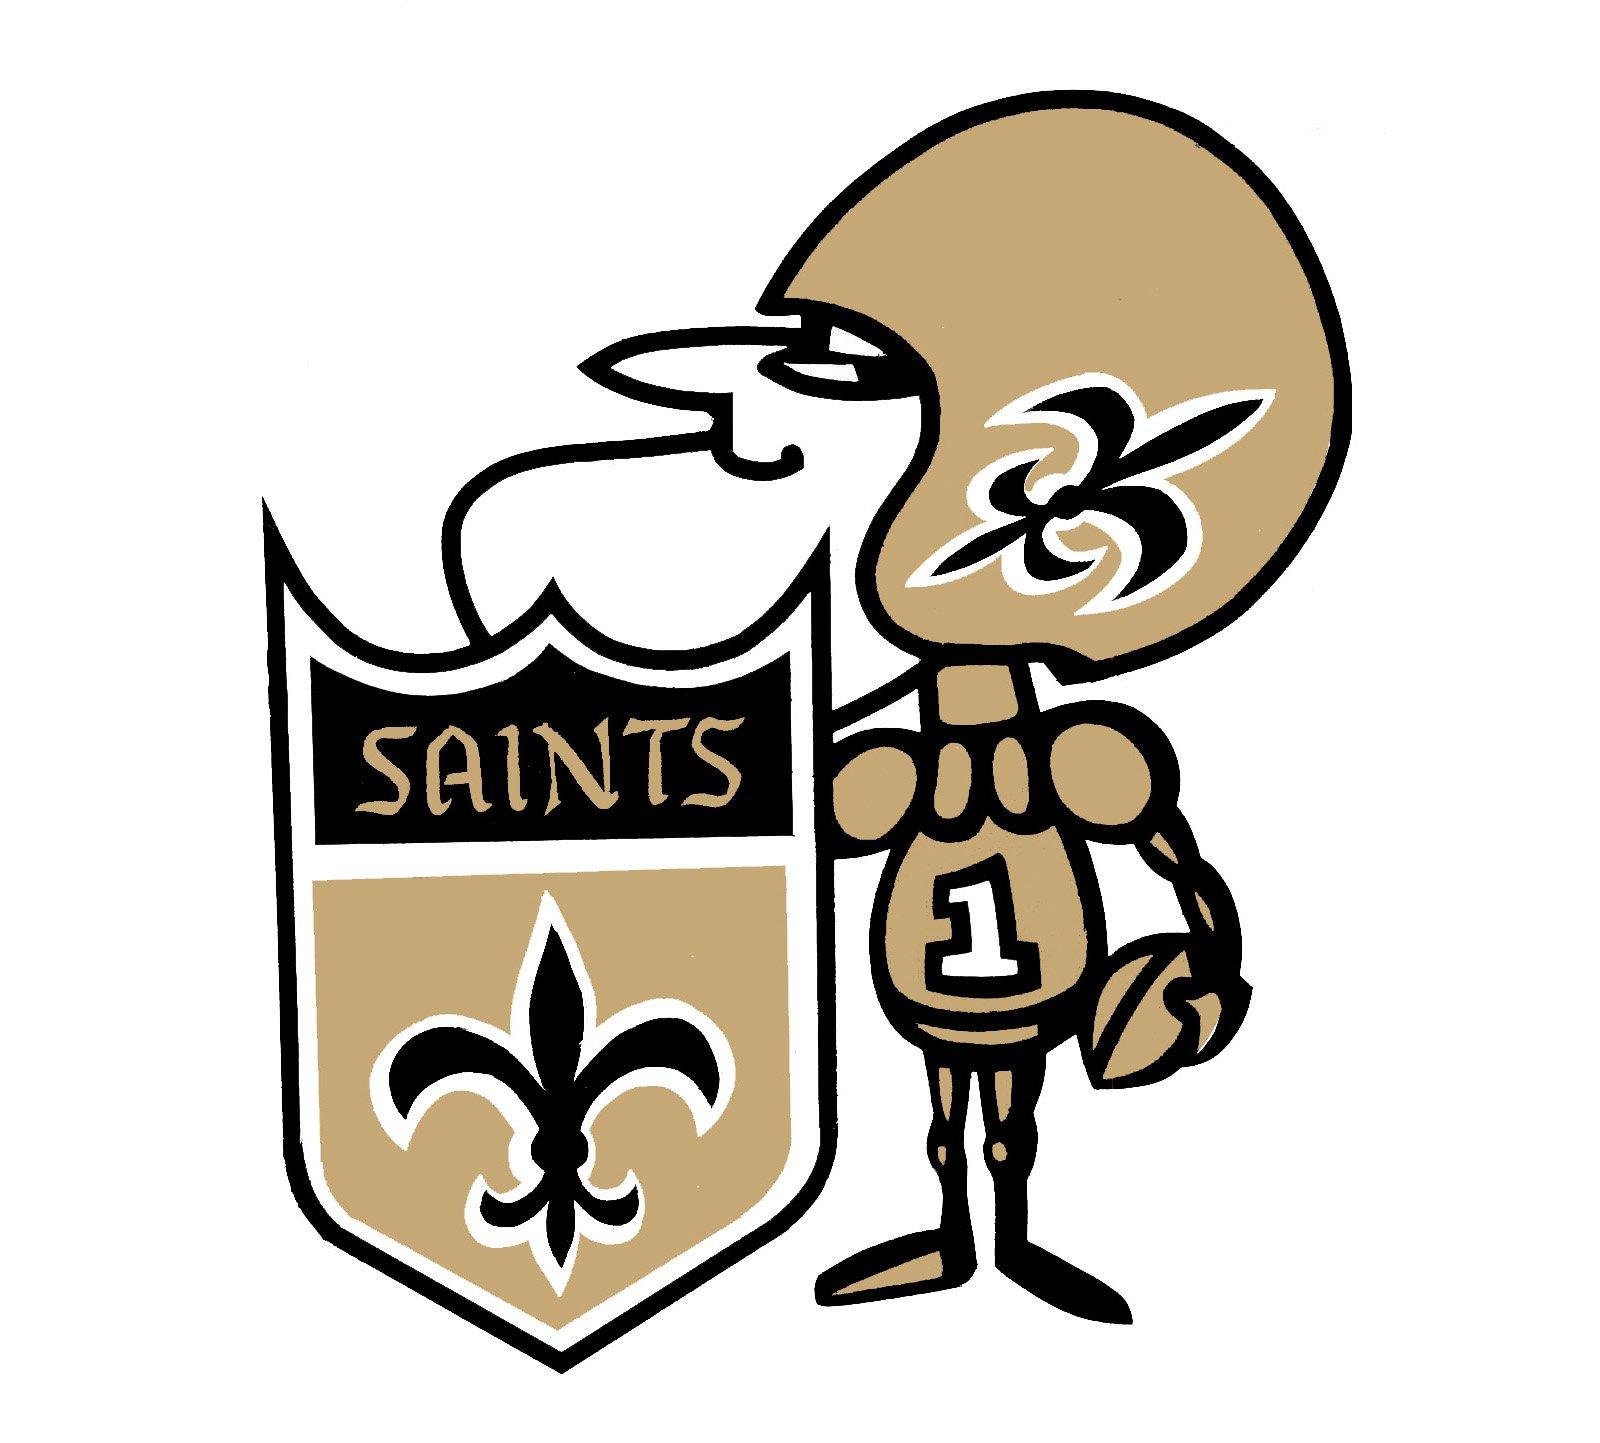 Saints Fleur De Lis Images